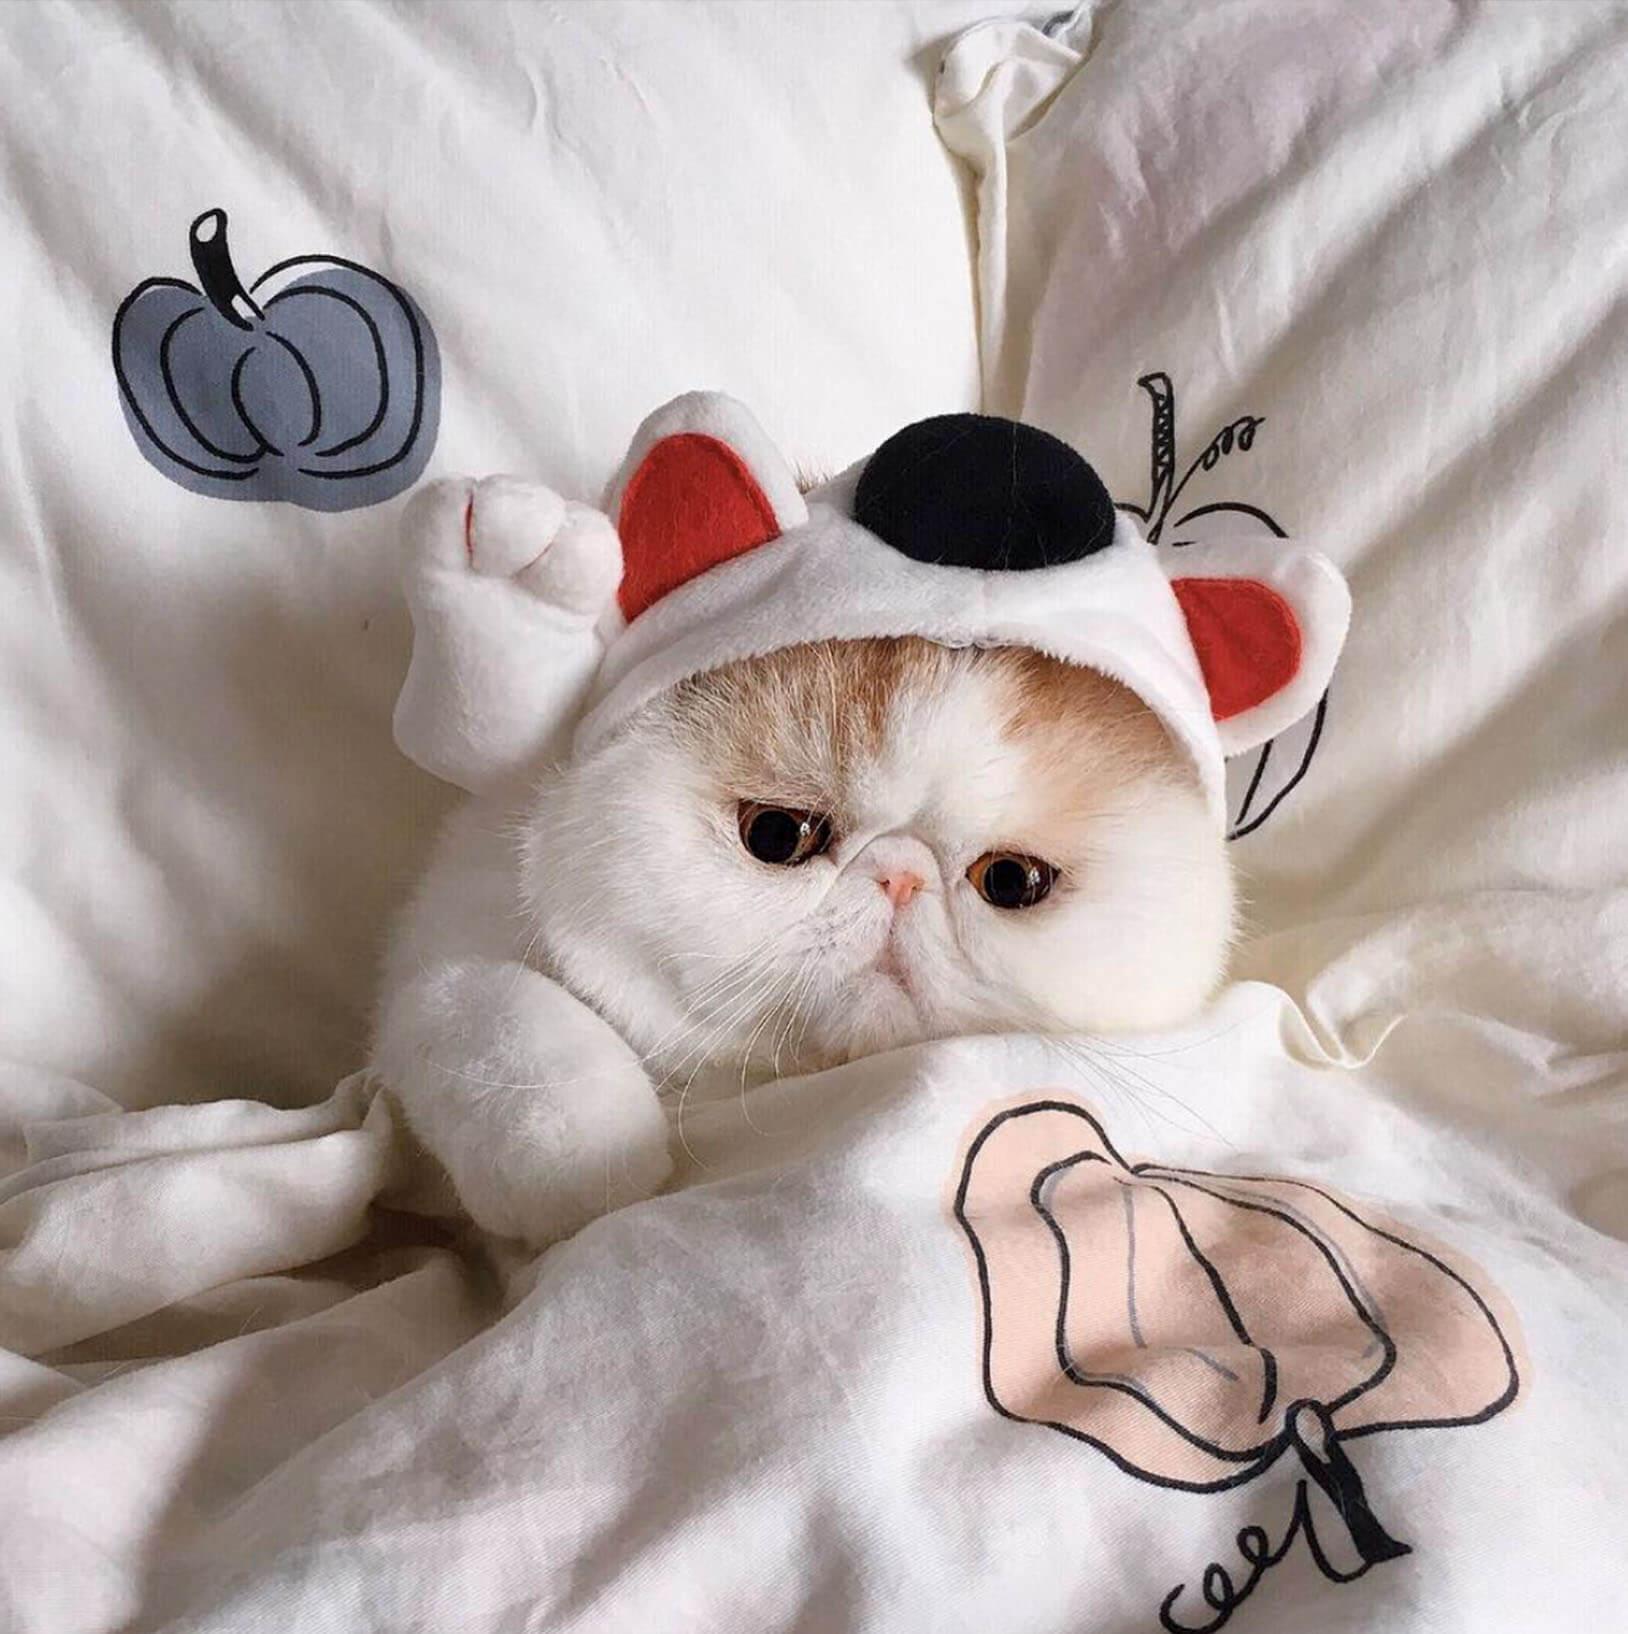 Подборка милых котов и кошек в картинках 10